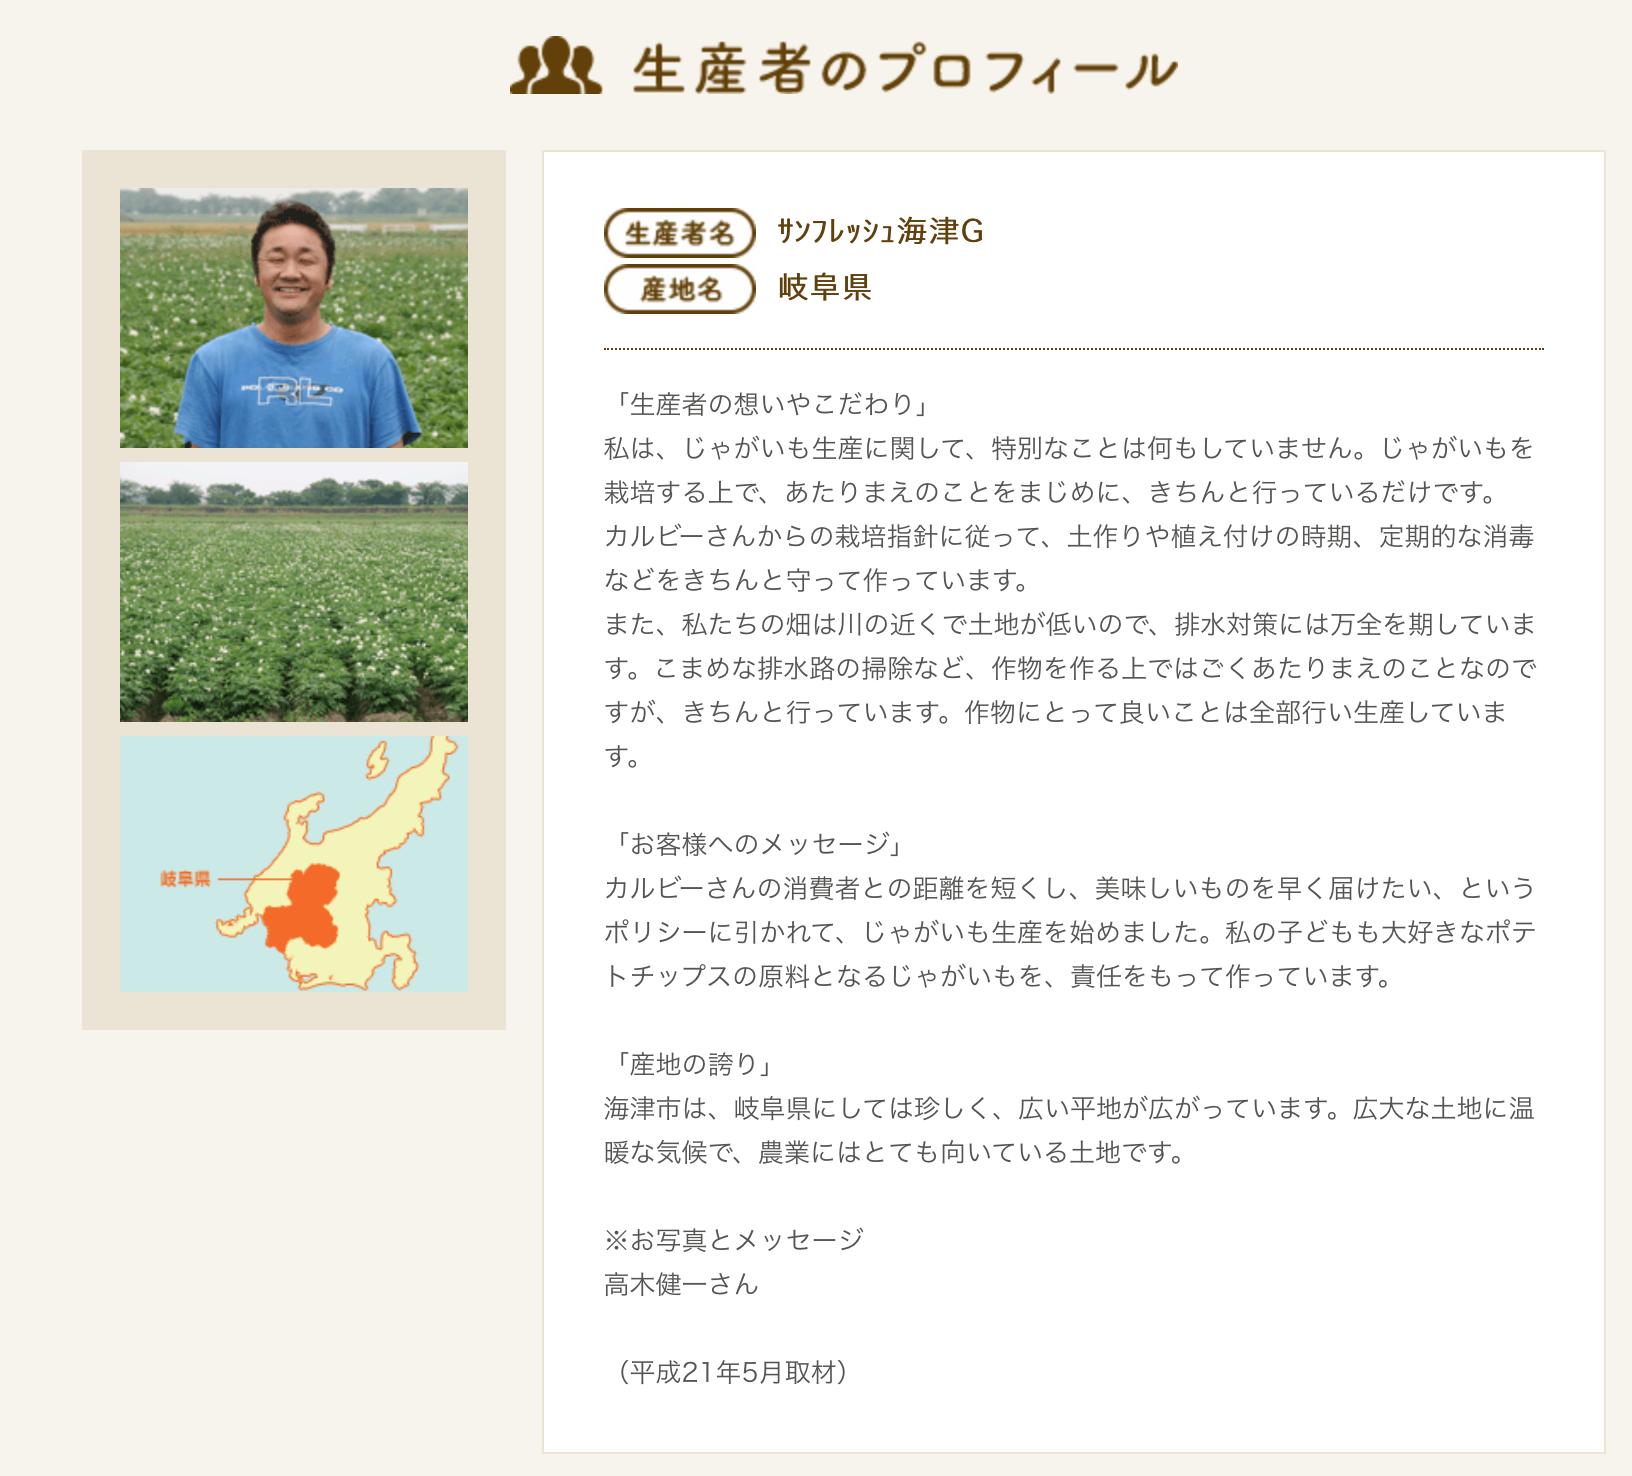 2019年産のジャガイモの植え付け作業が始まりました。